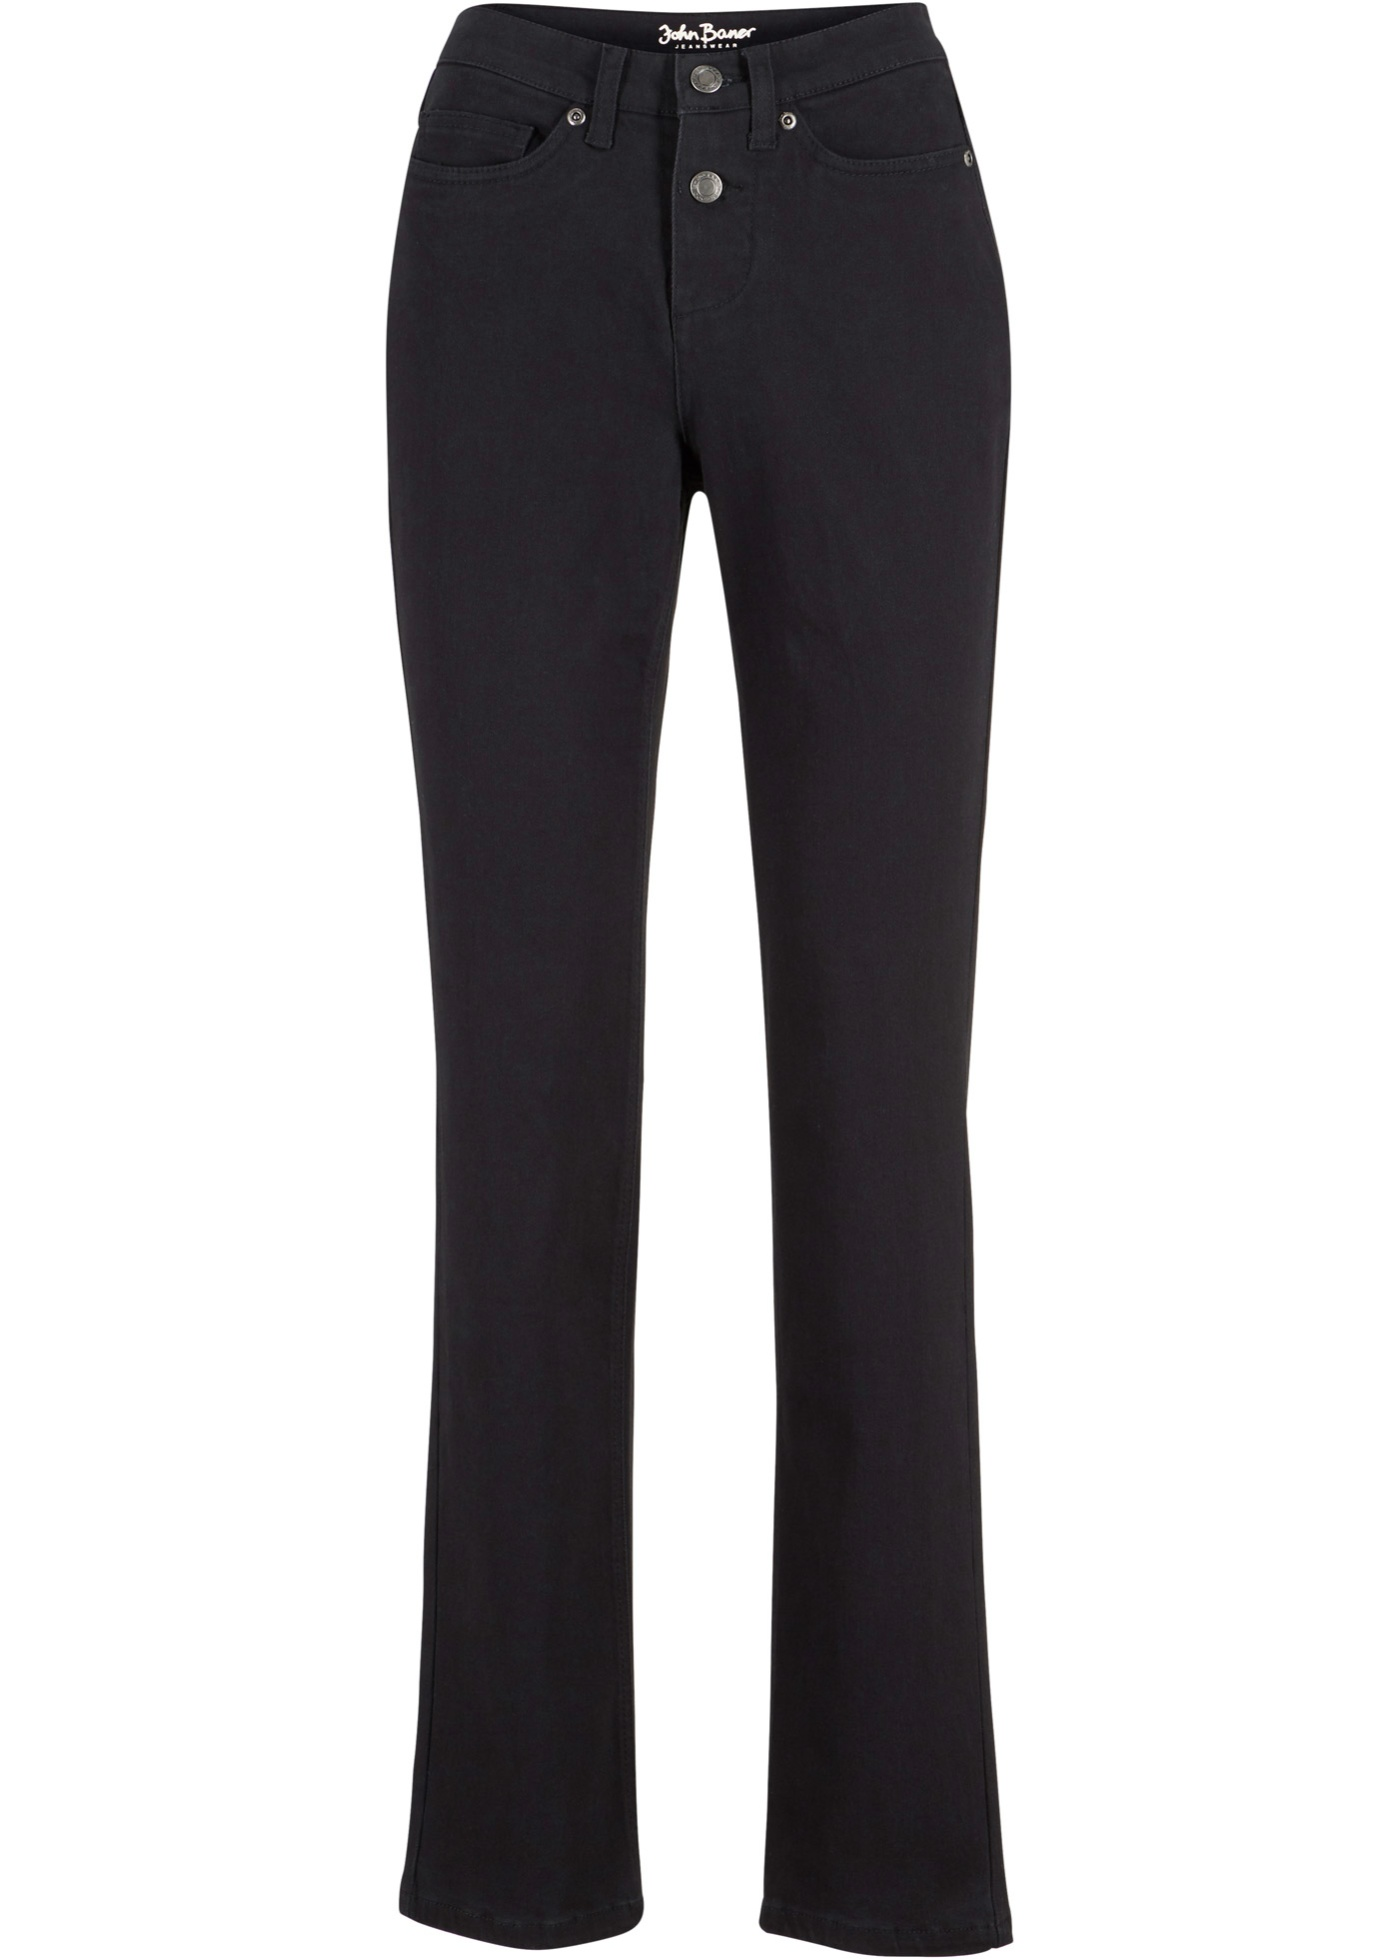 Stretch-Jeans in klassischem Denim, STRAIGHT in schwarz für Damen von bonprix